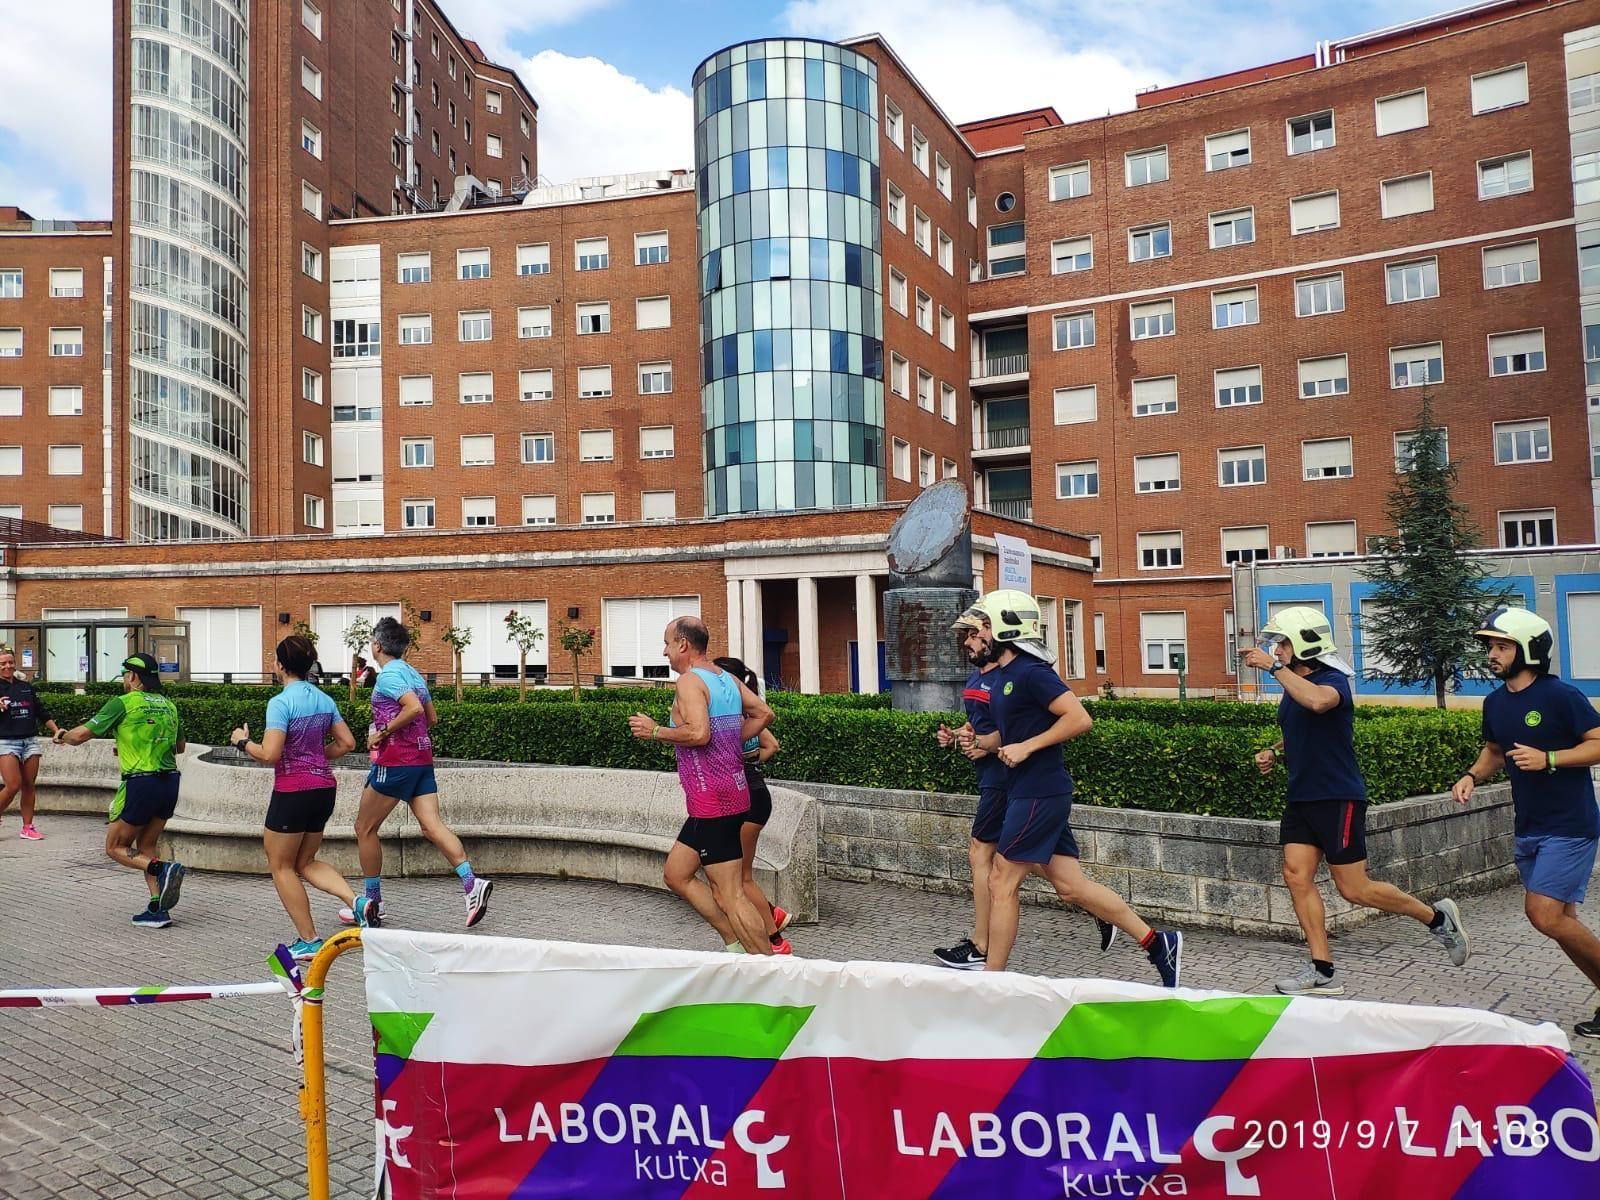 Calendario 2020 Festivos Bizkaia Más Actual Bomberos Bilbao Of Calendario 2020 Festivos Bizkaia Más Reciente September Festivals and events In Italy